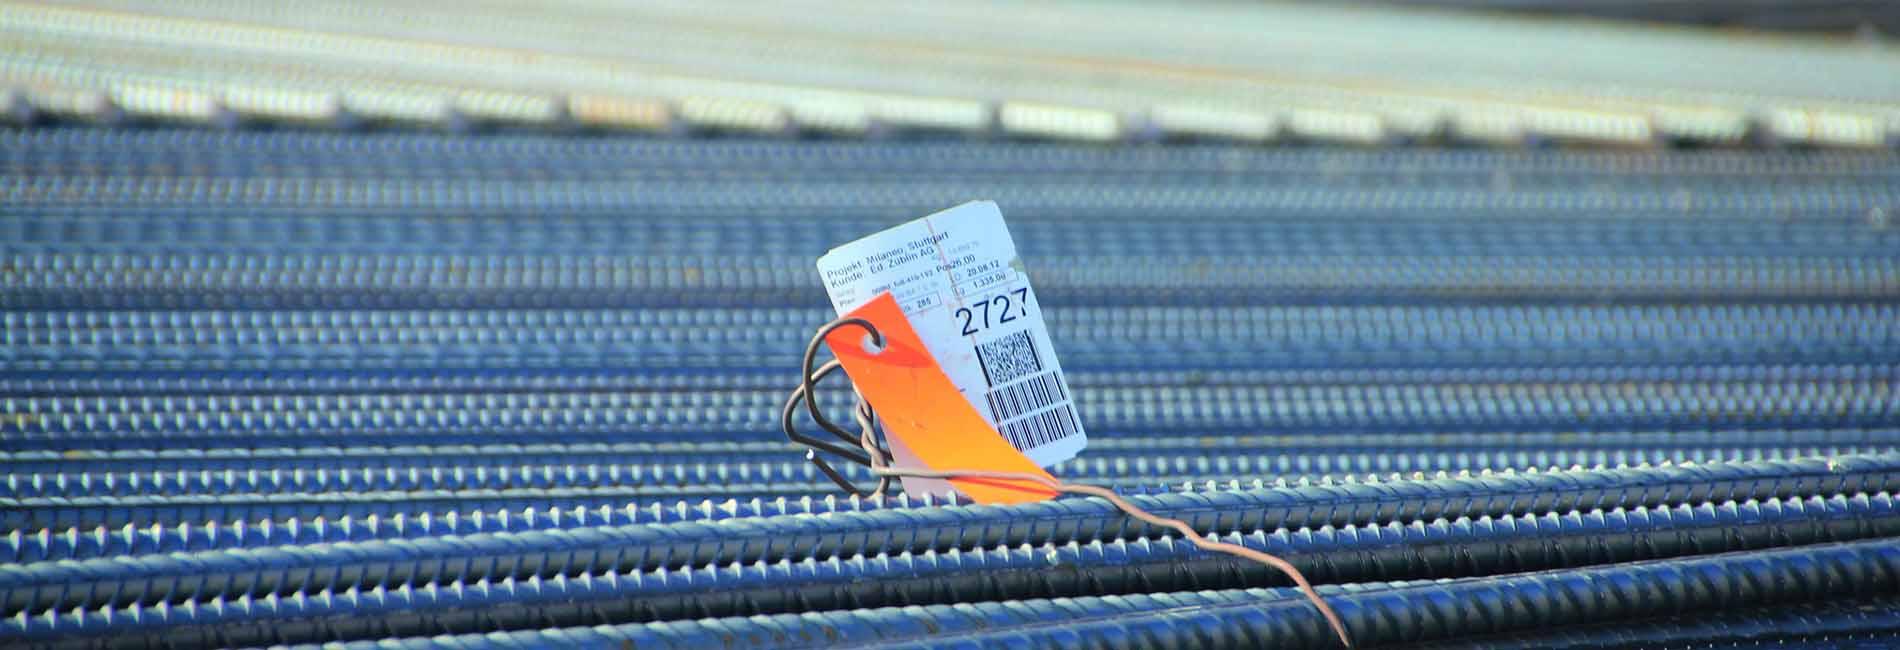 SÜLZLE Stahlpartner lieferte fast 30.000 Tonnen Stahl für den Bau des Milaneo Einkaufszentrums nach Stuttgart